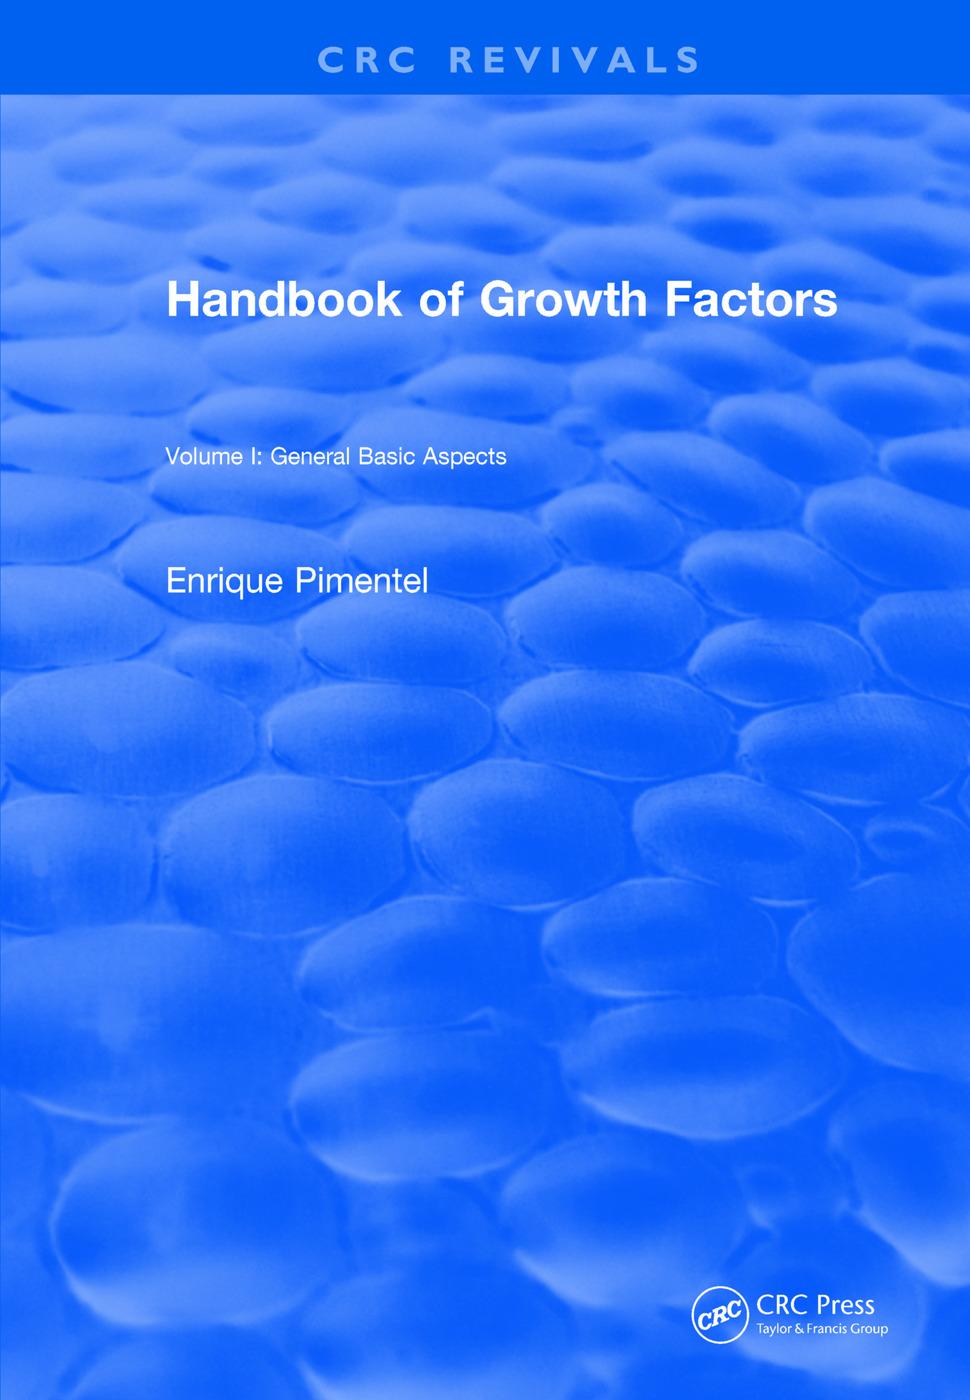 Handbook of Growth Factors (1994)